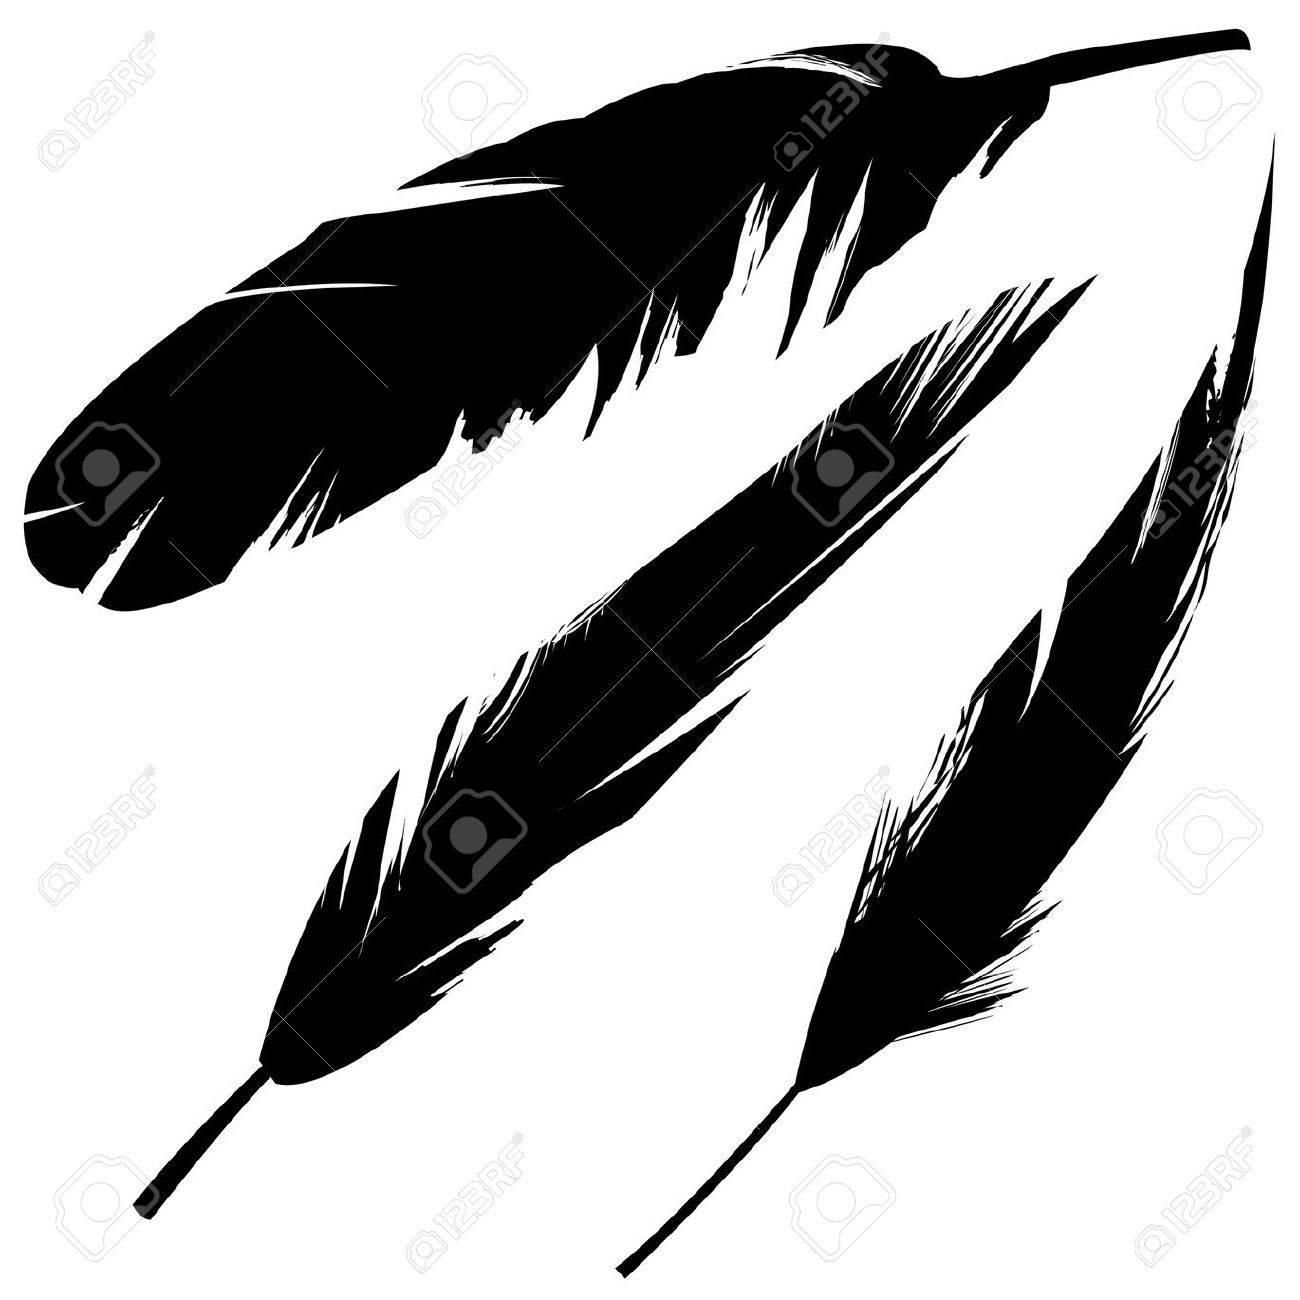 グランジ スタイルで様々 な鳥の羽のベクトル イラストのイラスト素材